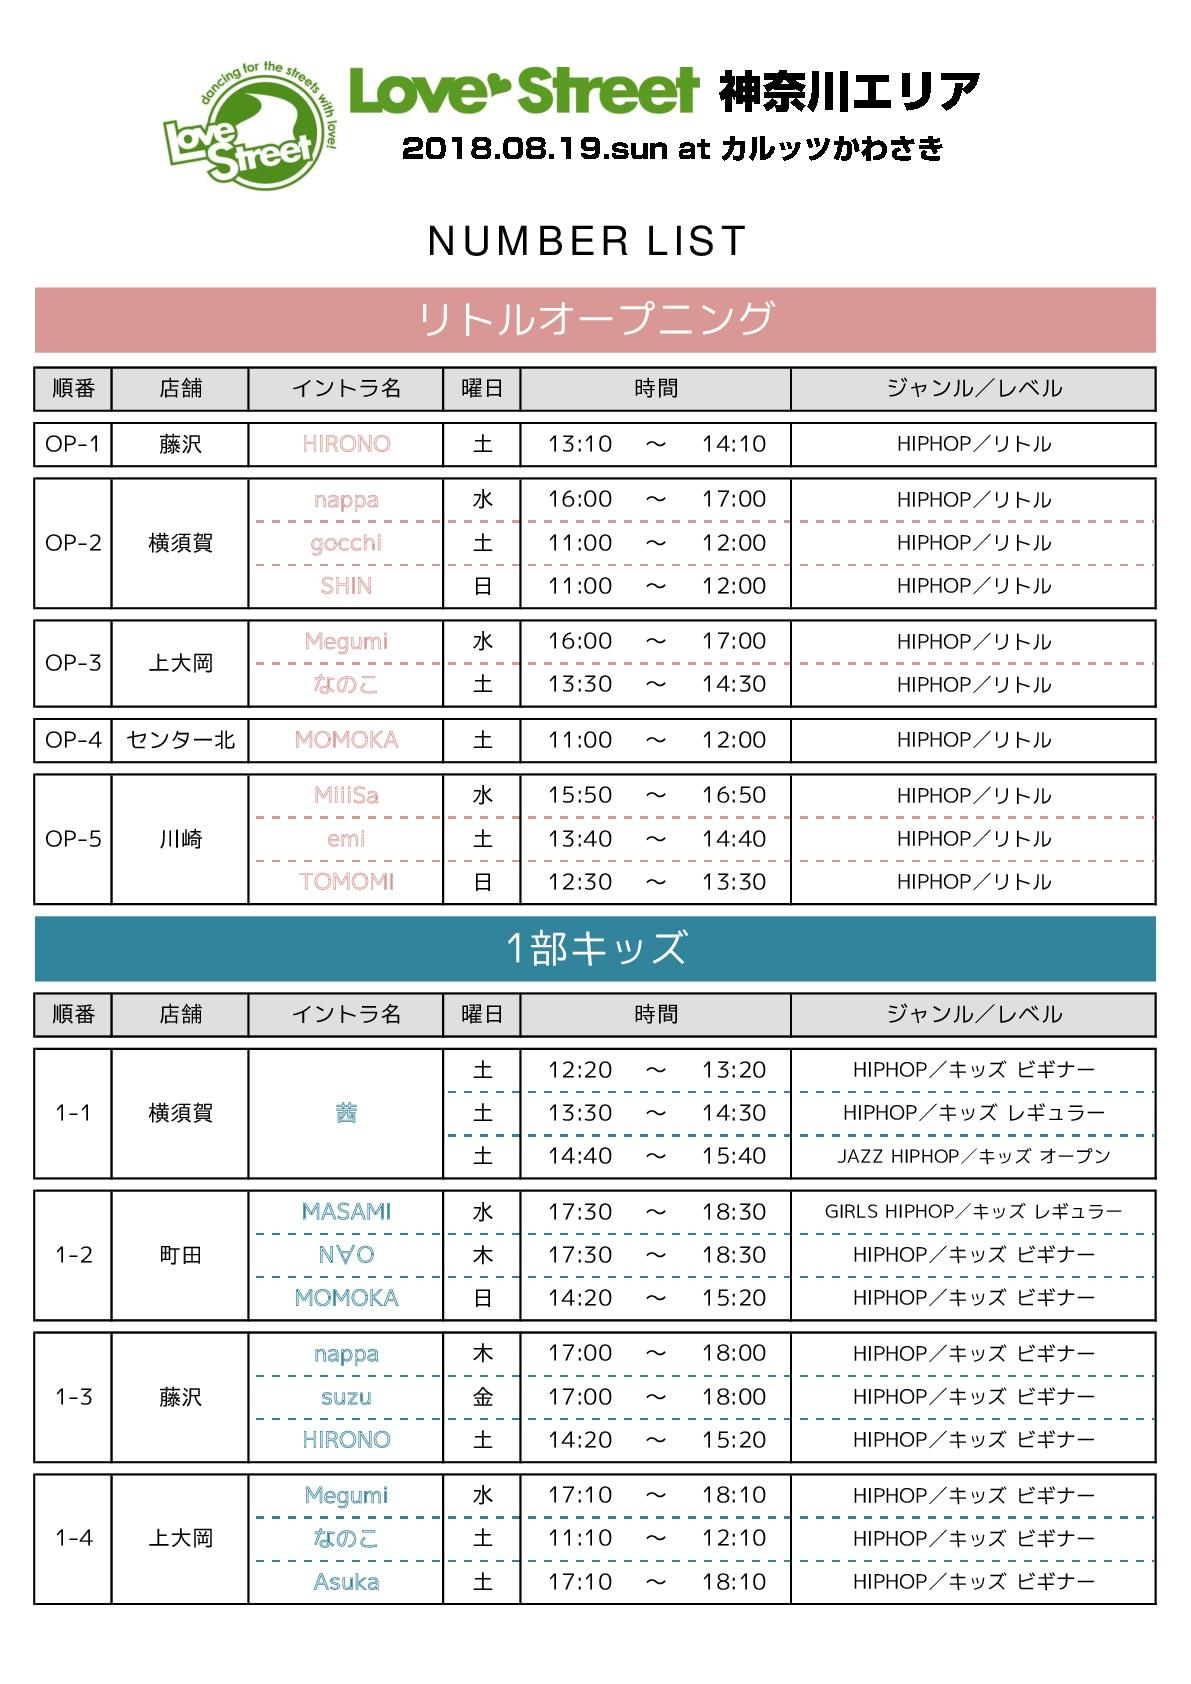 LS神奈川ナンバー_01